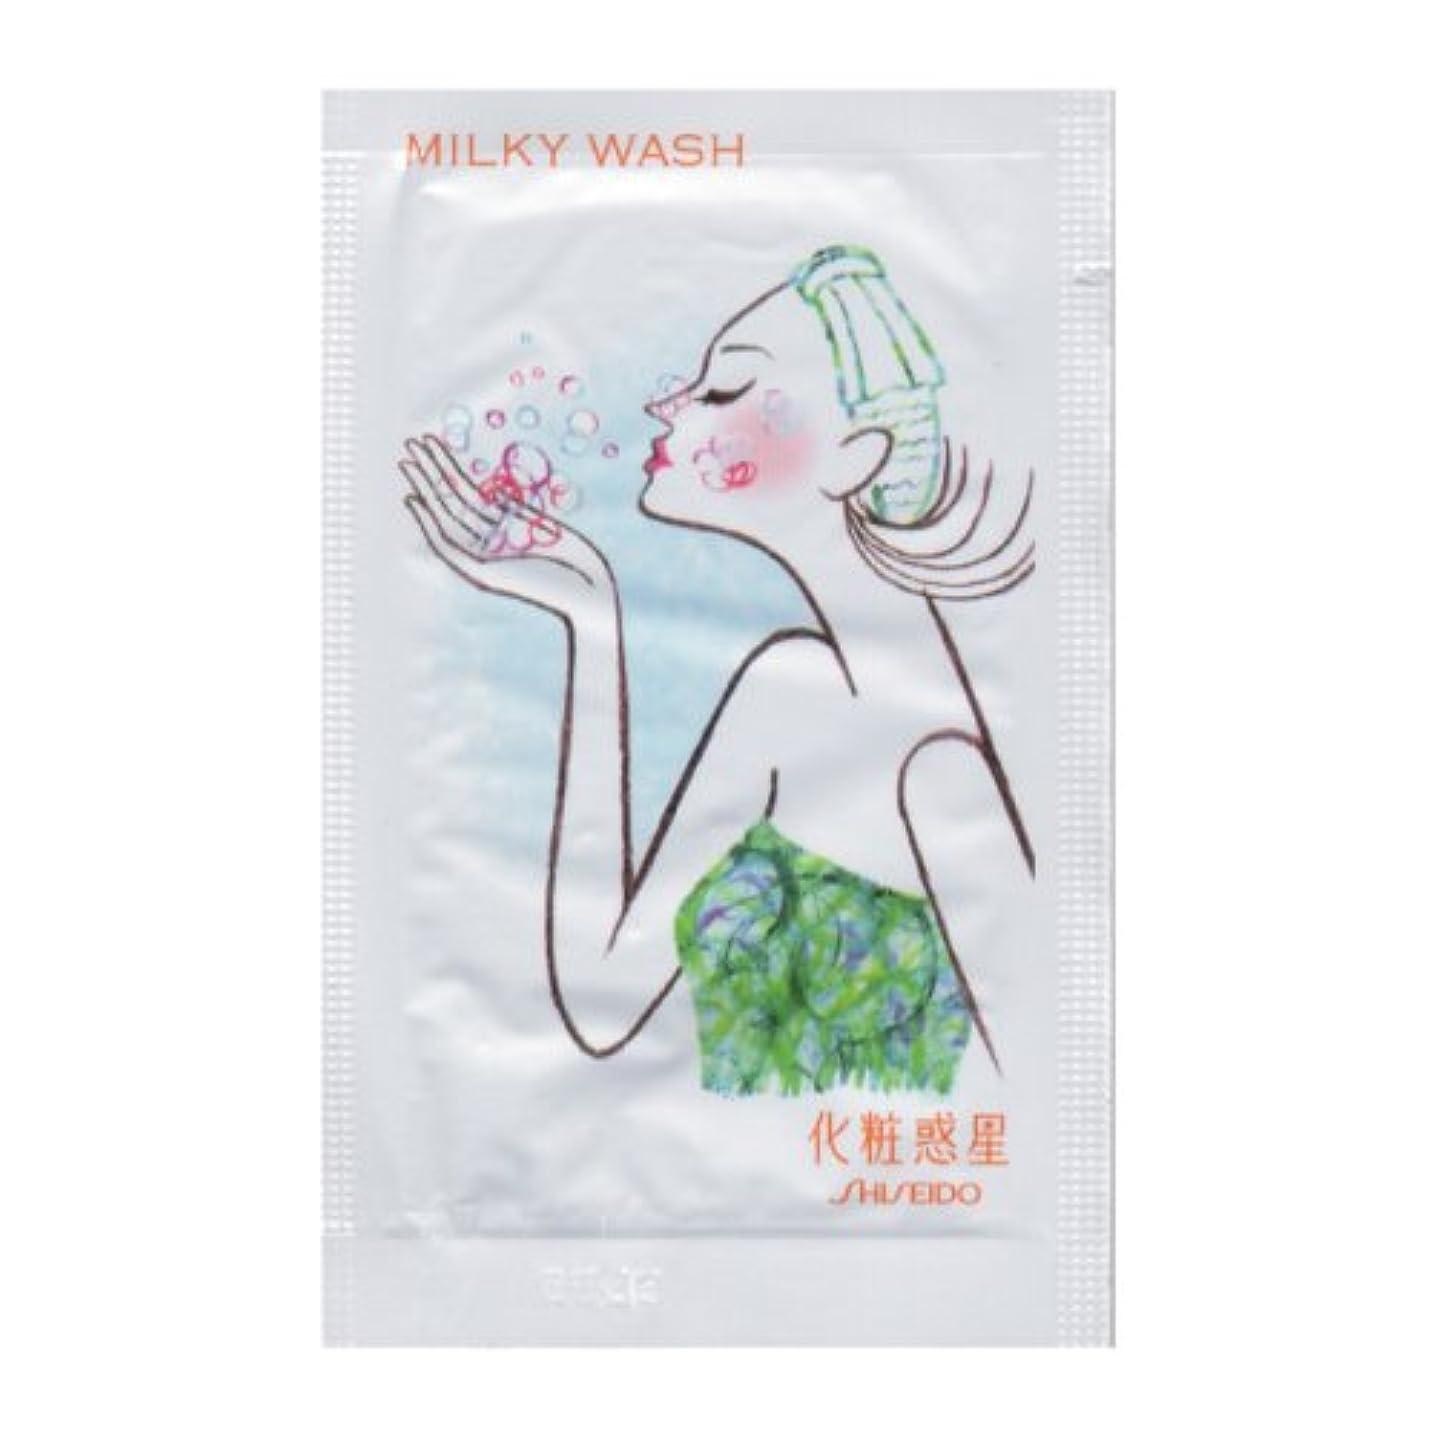 巧みな動機異なる資生堂 化粧惑星 ミルキーウォッシュ 洗顔料 2g 100包